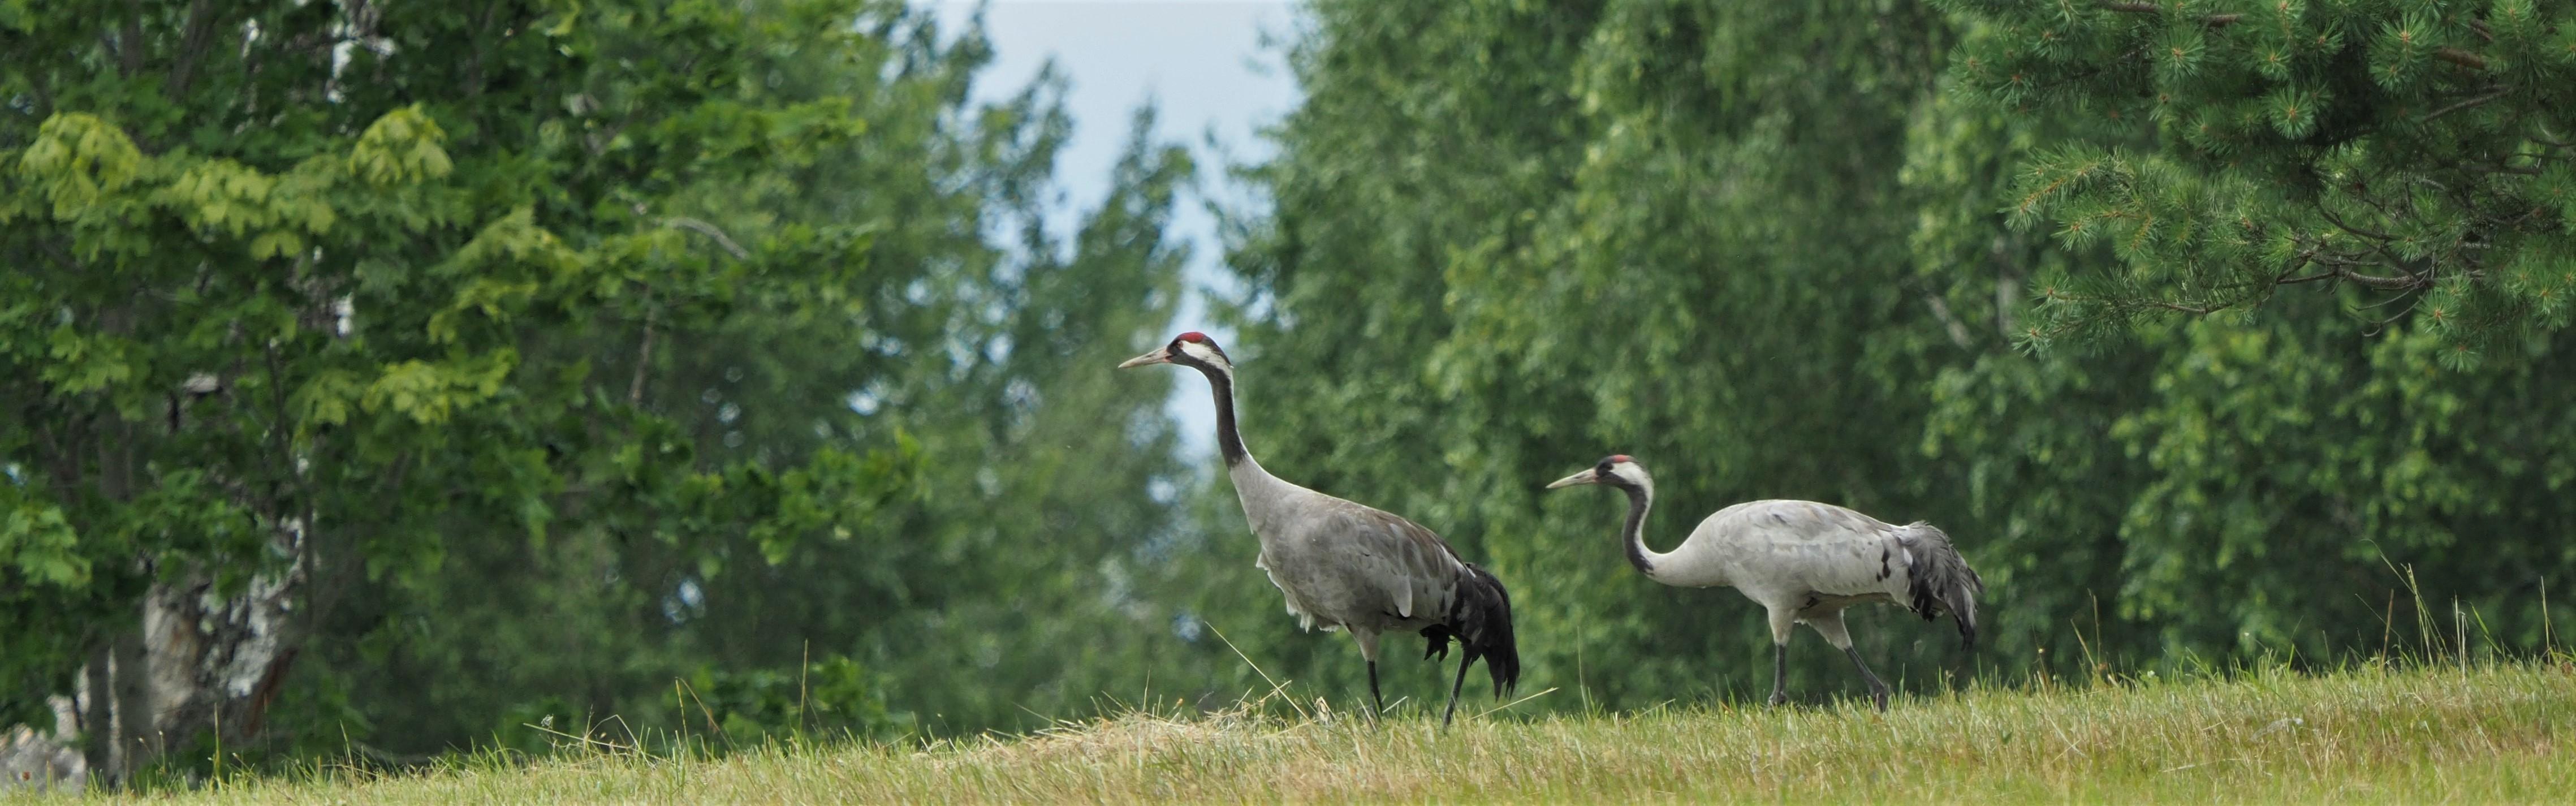 Common Crane 1